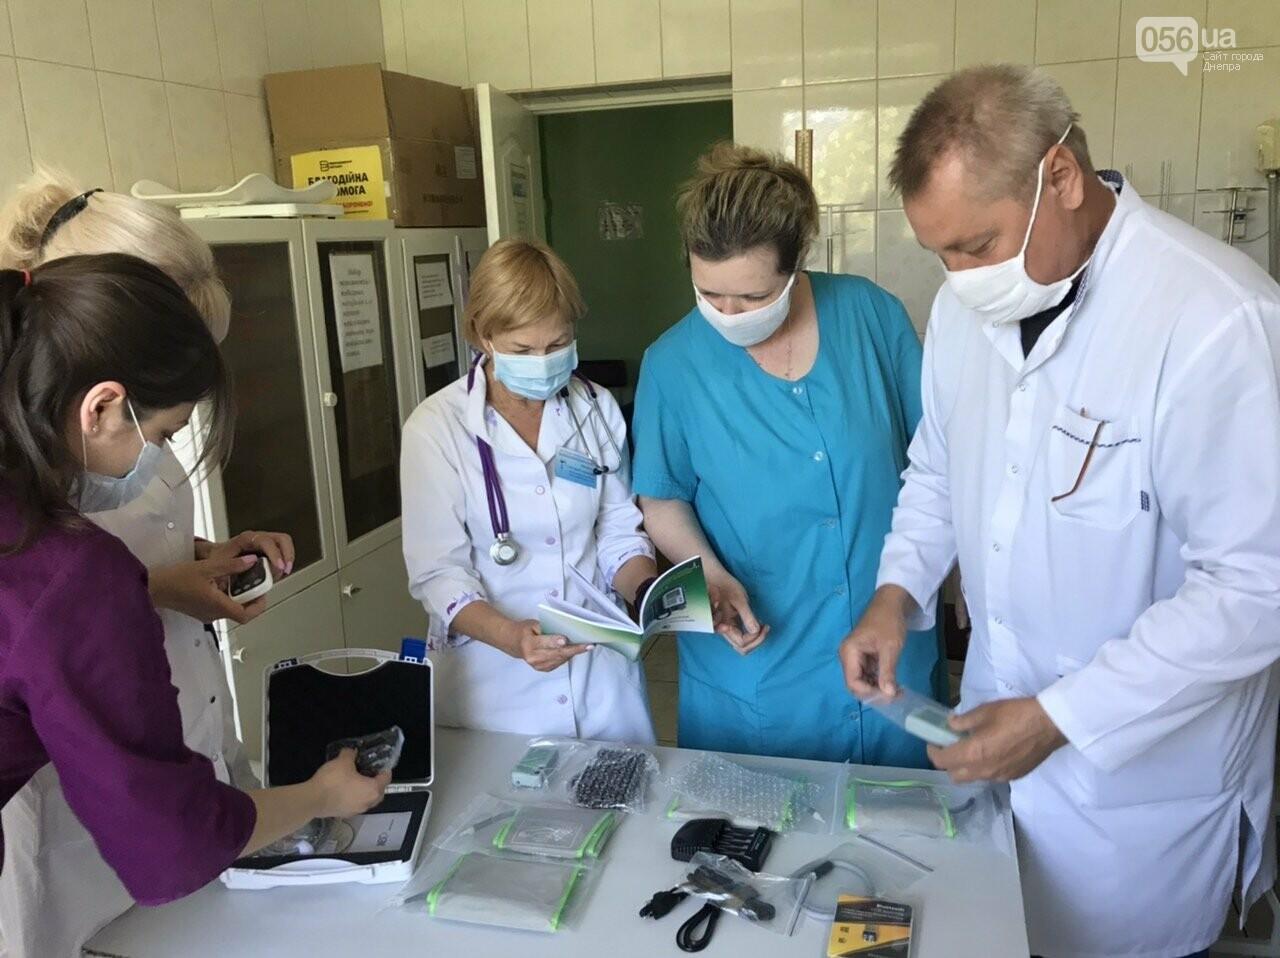 Міська клінічна лікарня №6 отримала обладнання завдяки SMS-пожертвам абонентів Київстар, фото-1